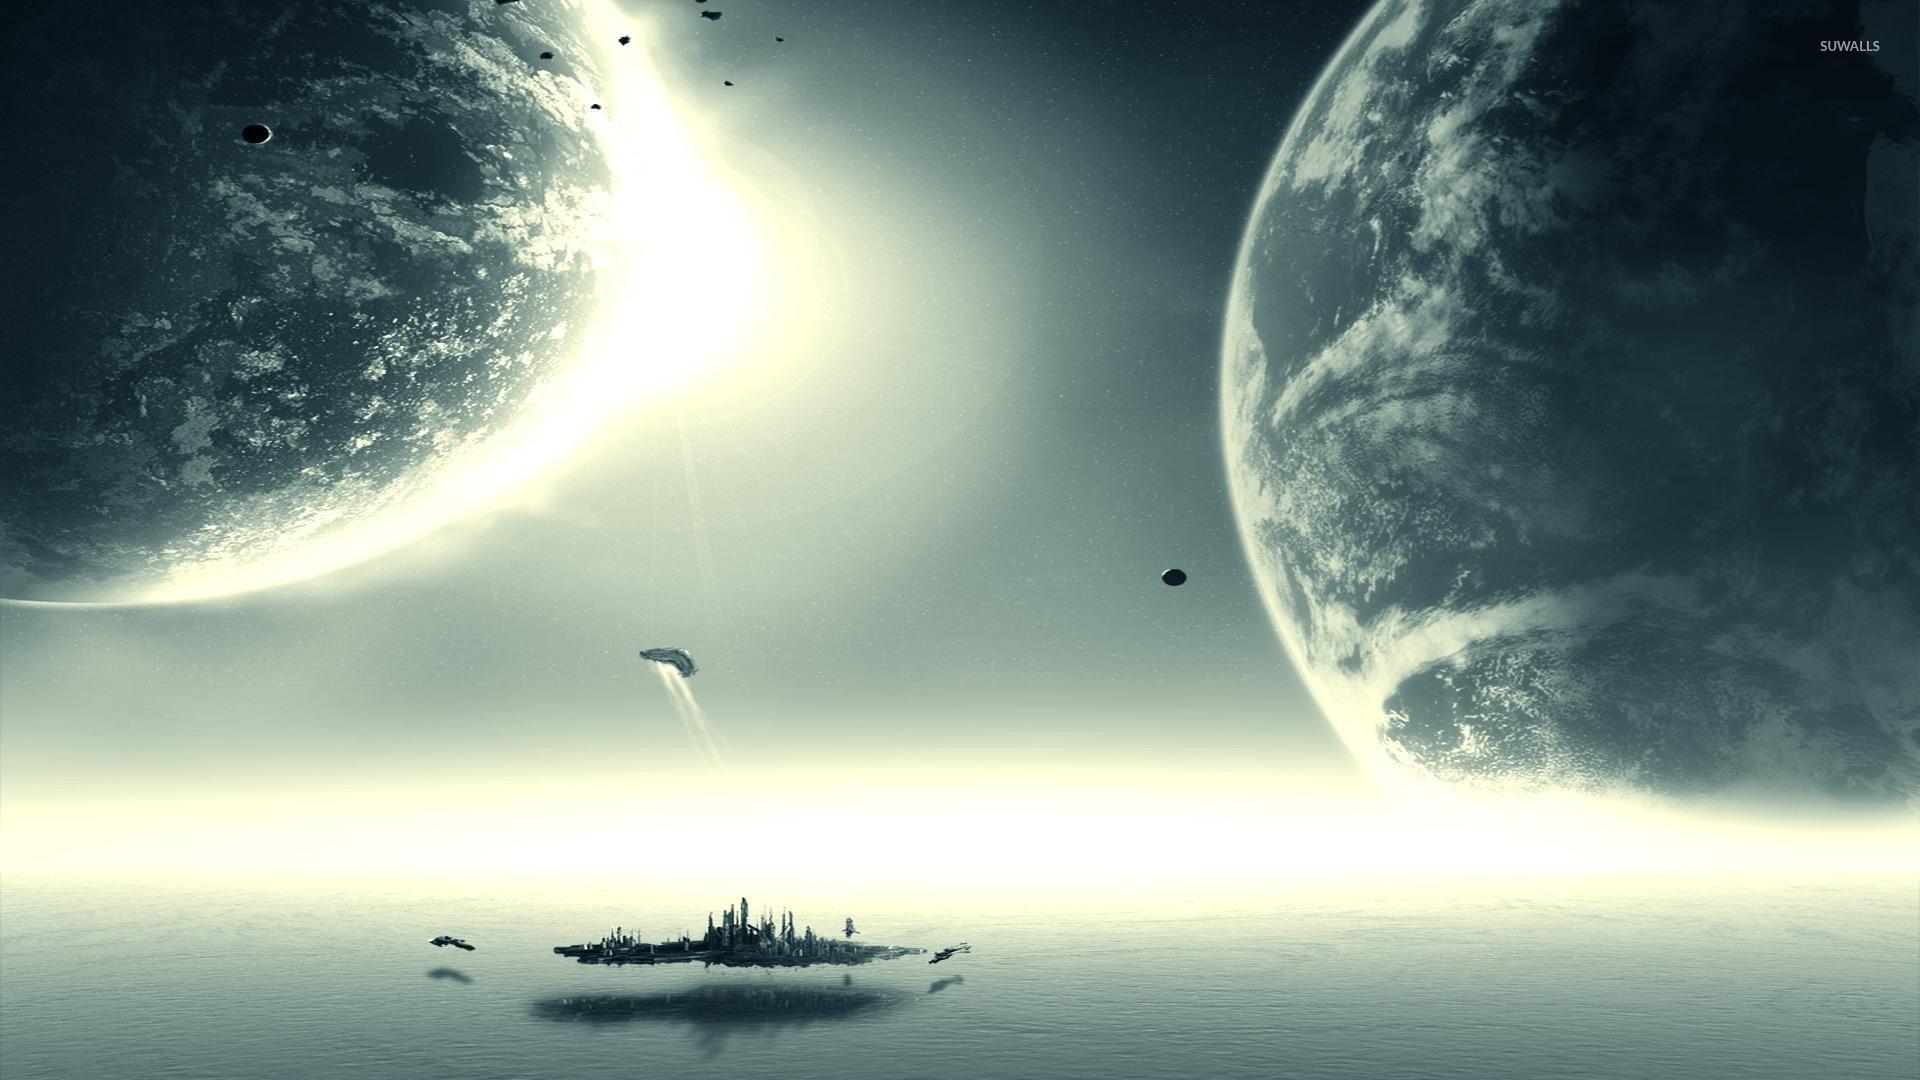 Stargate Atlantis [3] wallpaper - TV